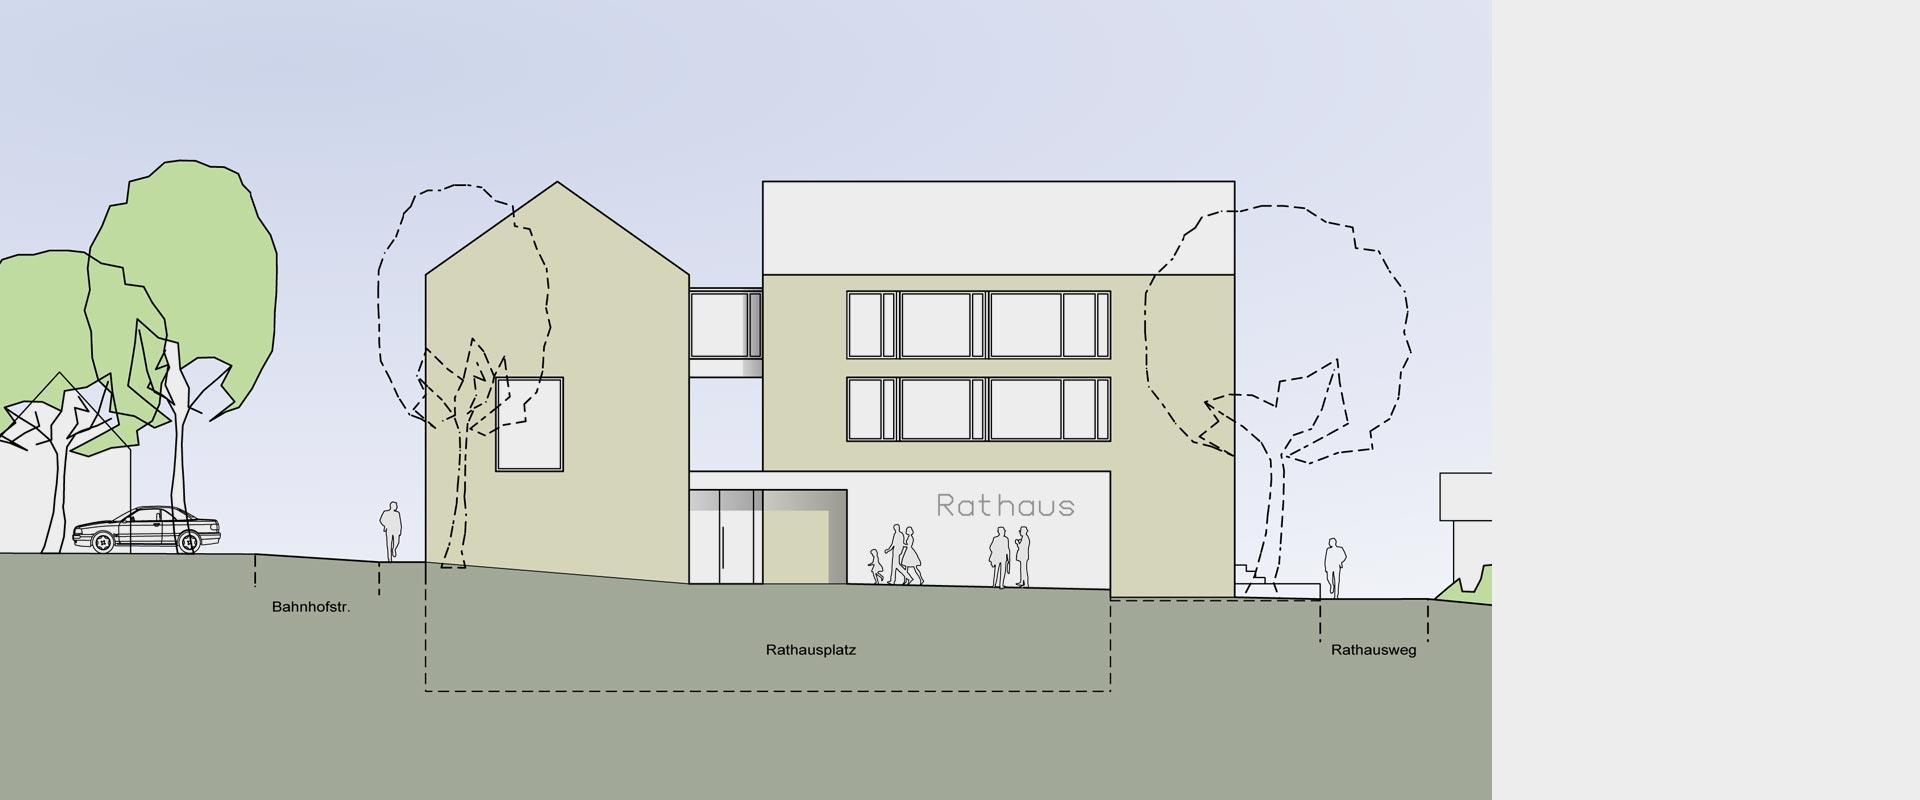 Architekturbüro musahl Waldshut Rathaus Dogern Ansicht Westen